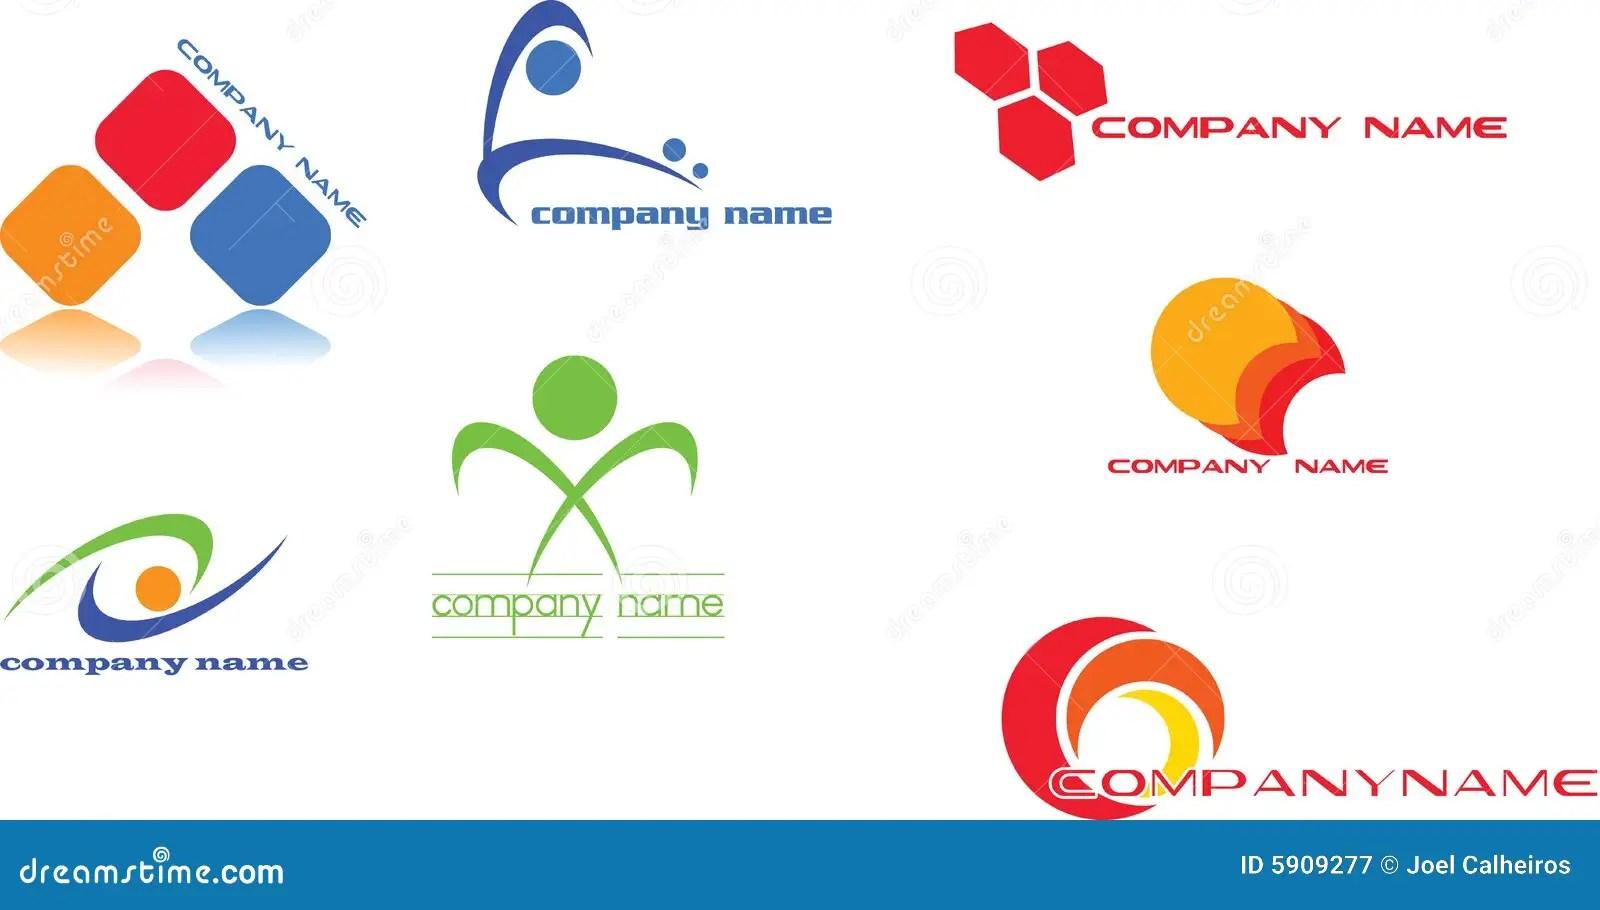 logo design stock vector